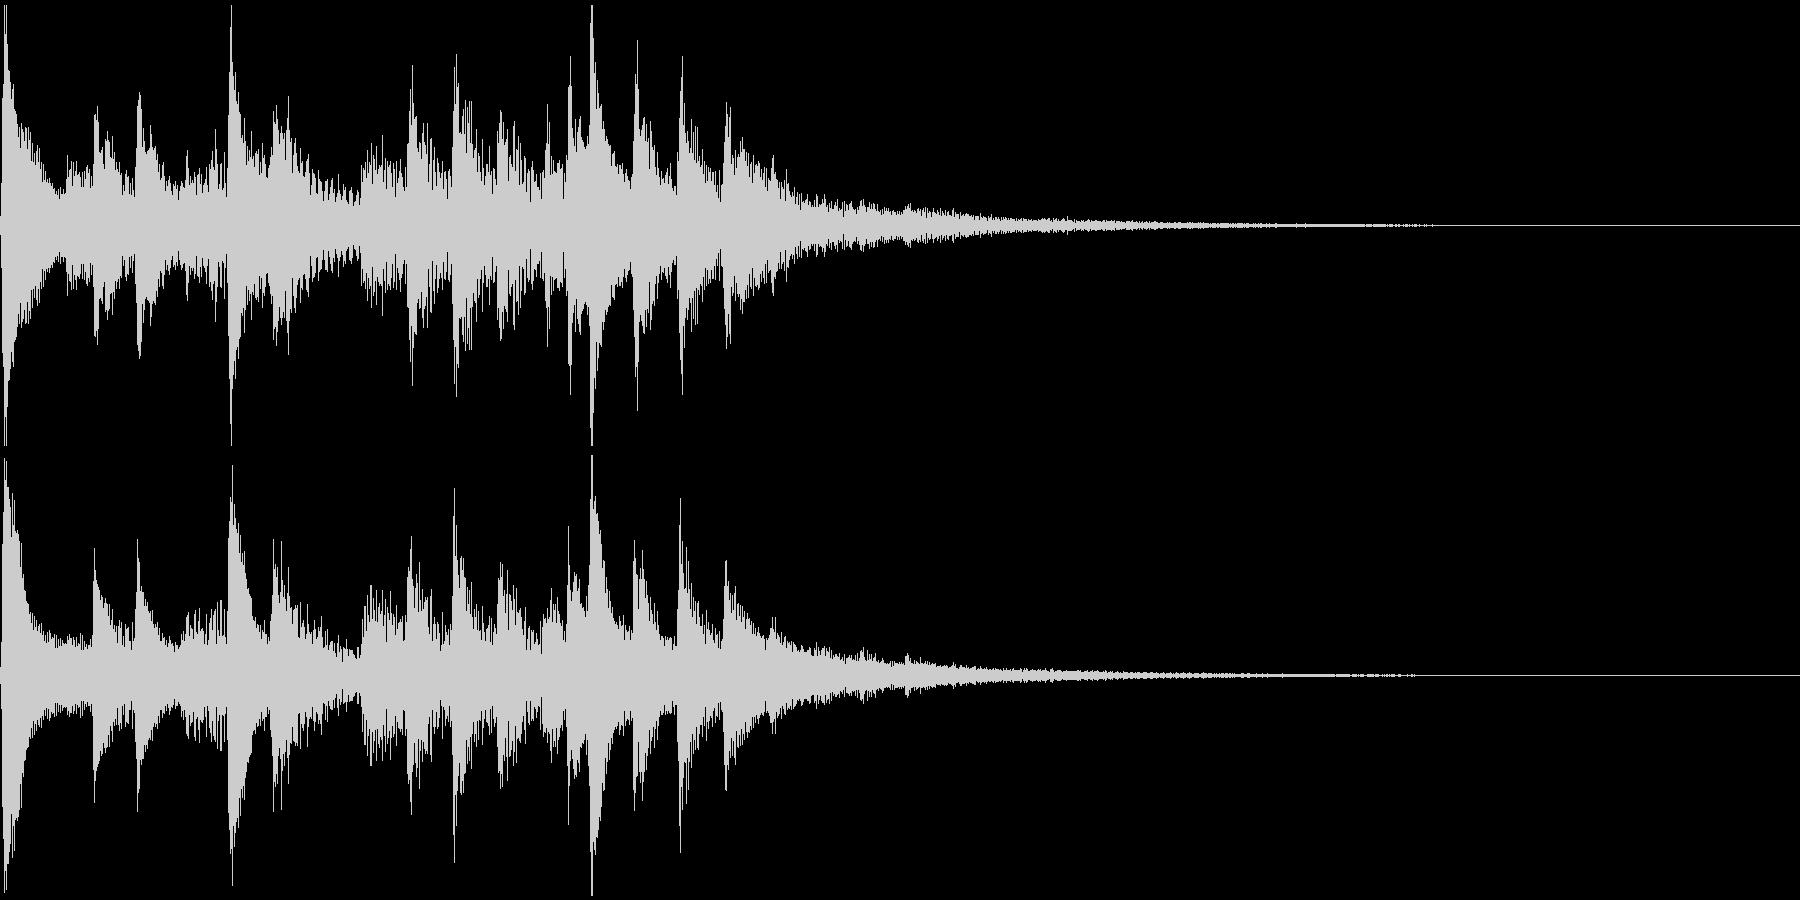 琴の和風ジングル3の未再生の波形